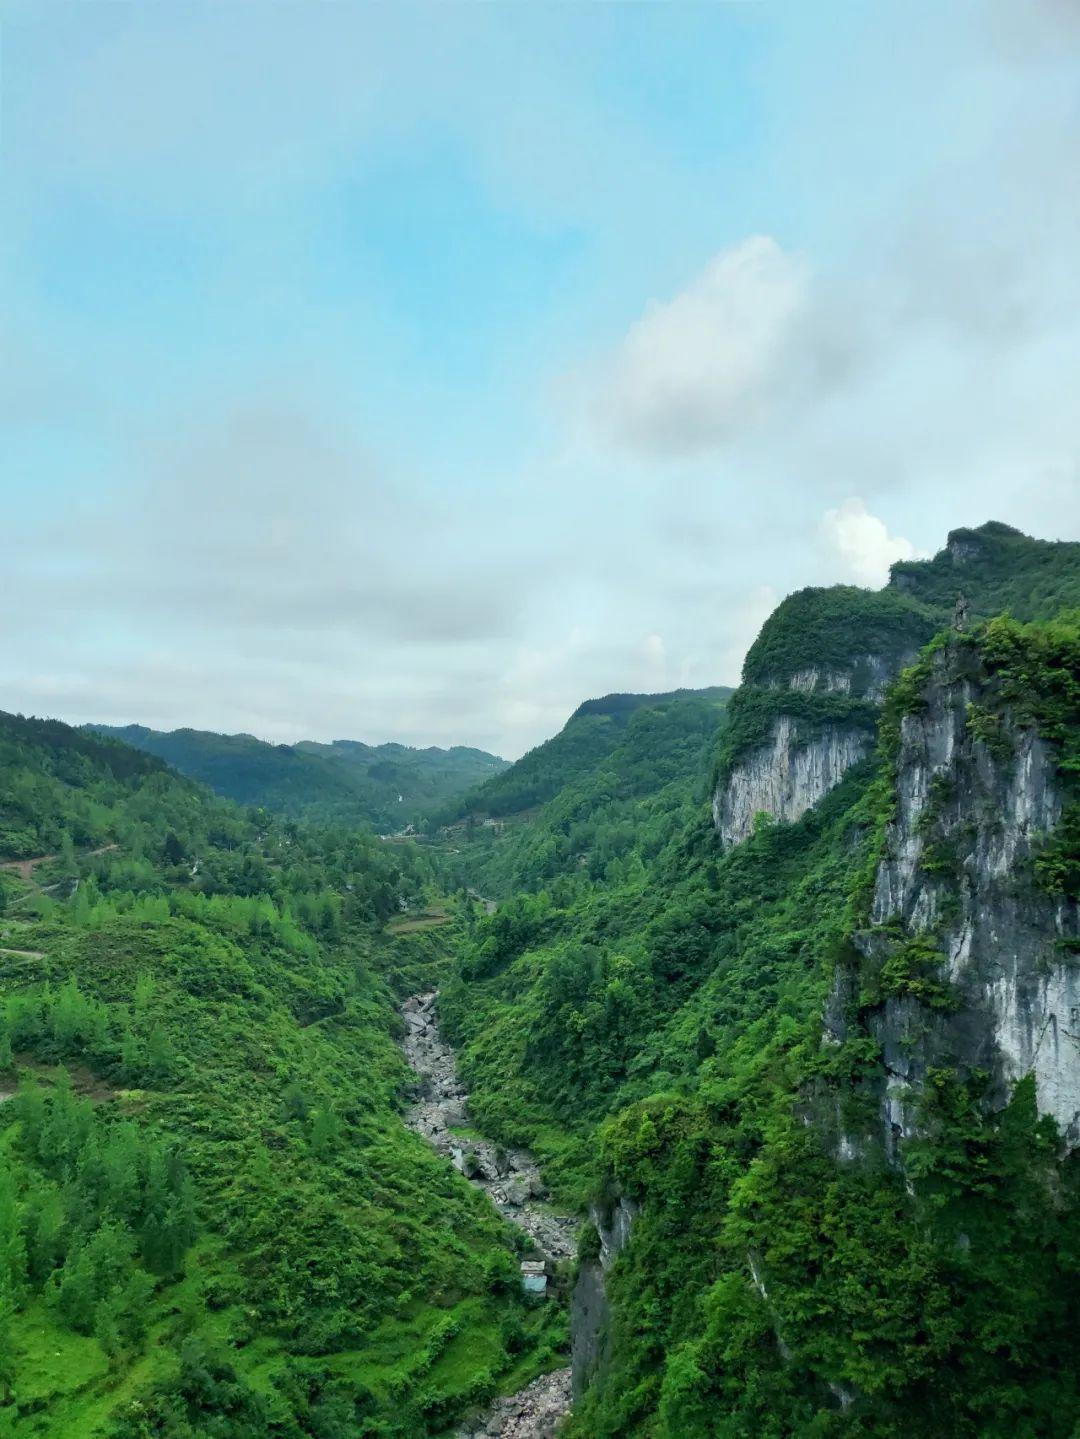 德江县五彩洋山河旅游度假区